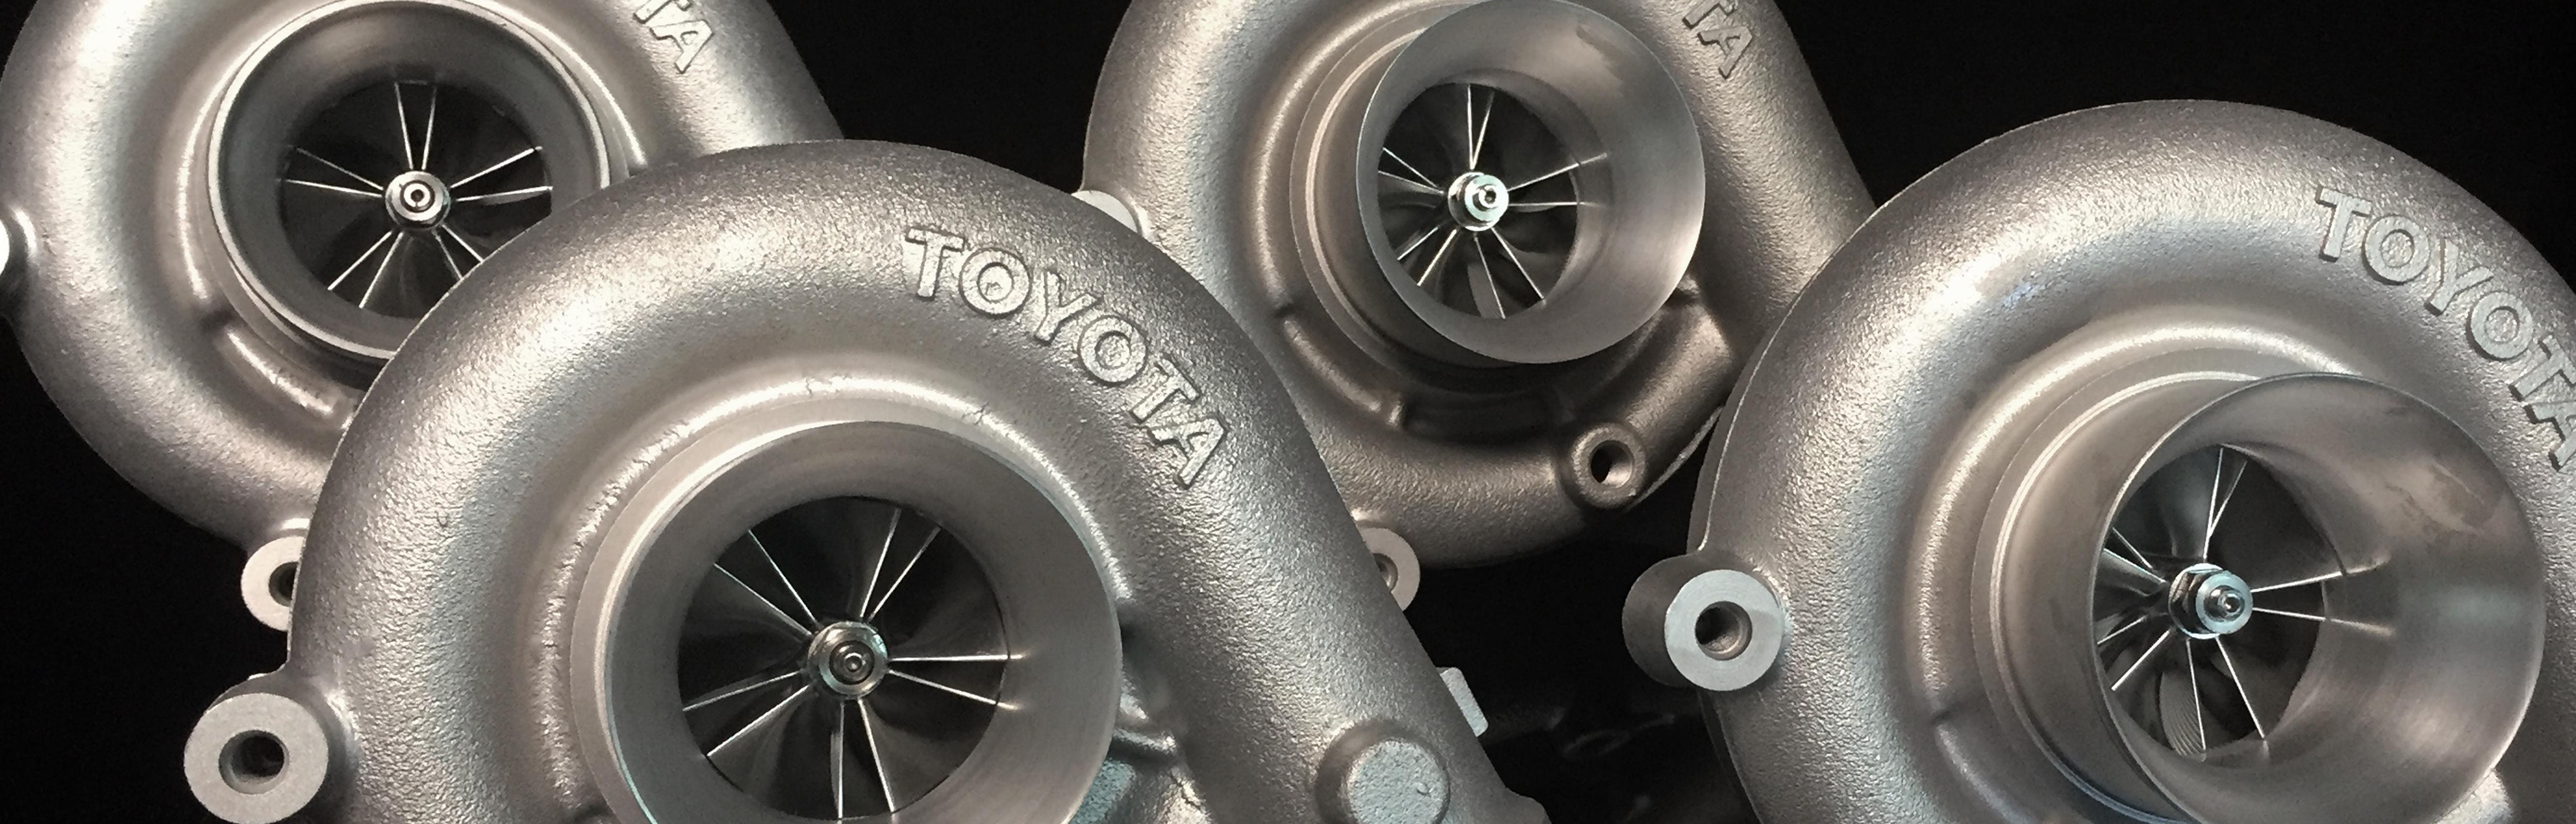 new-turbos-2.jpg